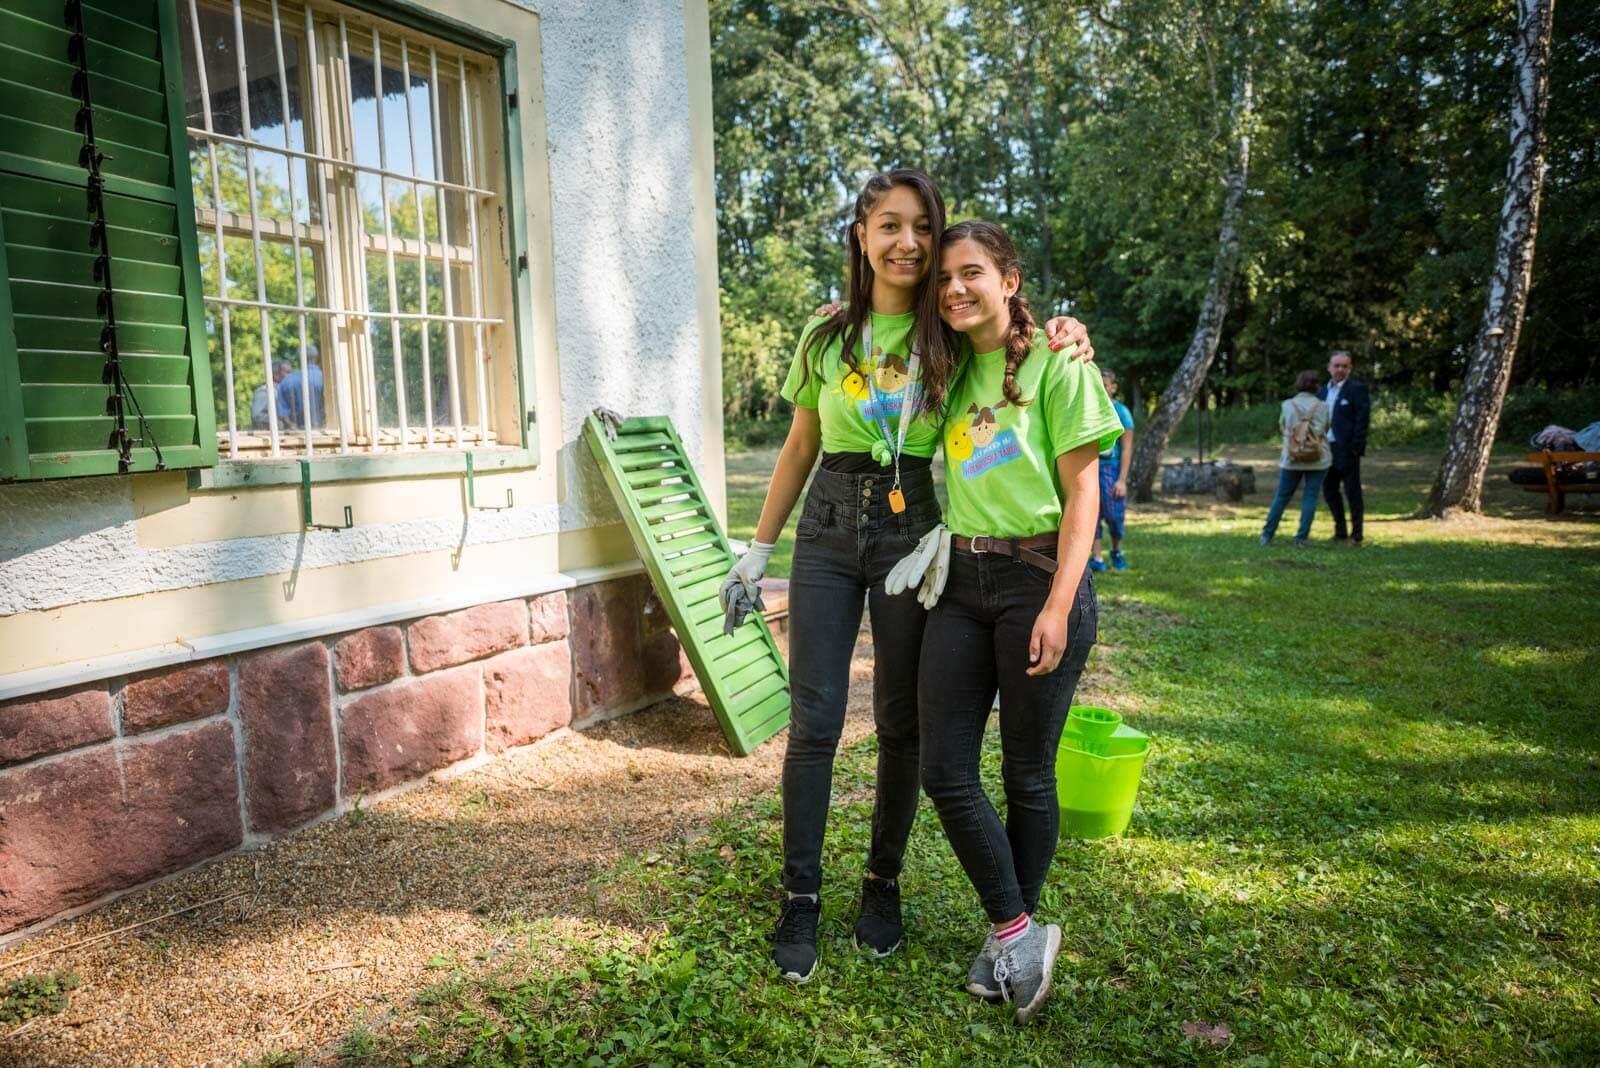 Bivalyrezervátumot fejlesztenek az újjáéledt építőtábor diákjai